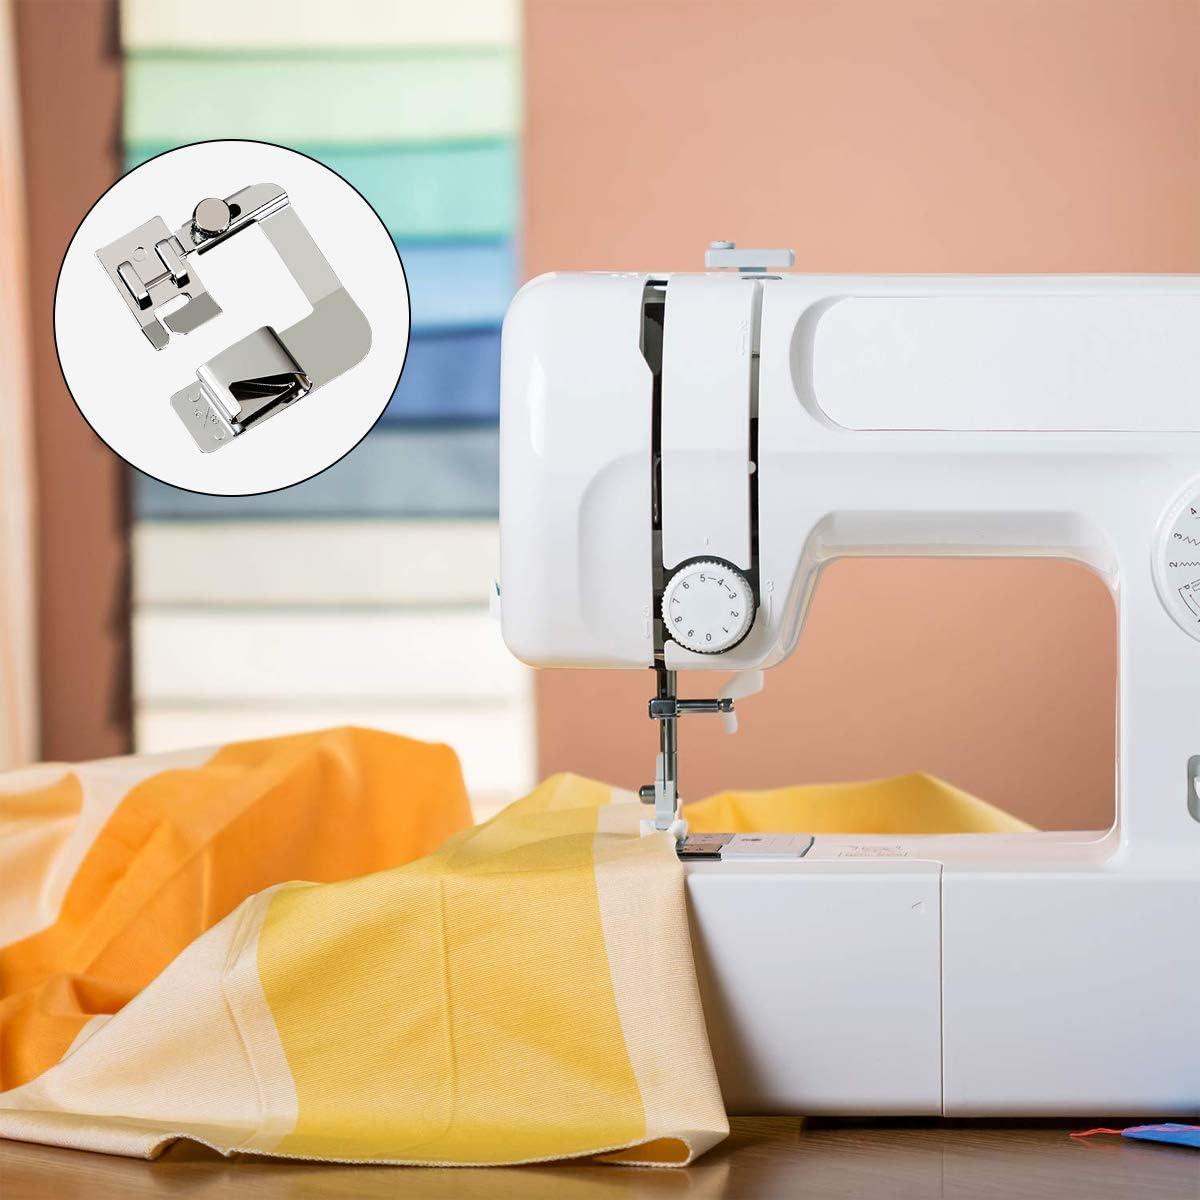 JXJH - Juego de prensatelas para dobladillo ancho y rodillo, 3 tamaños (4/8 pulgadas, 6/8 pulgadas, 1 pulgada) para máquina de coser de caña baja, kit de prensatelas ajustable para dobladillo: Amazon.es: Hogar